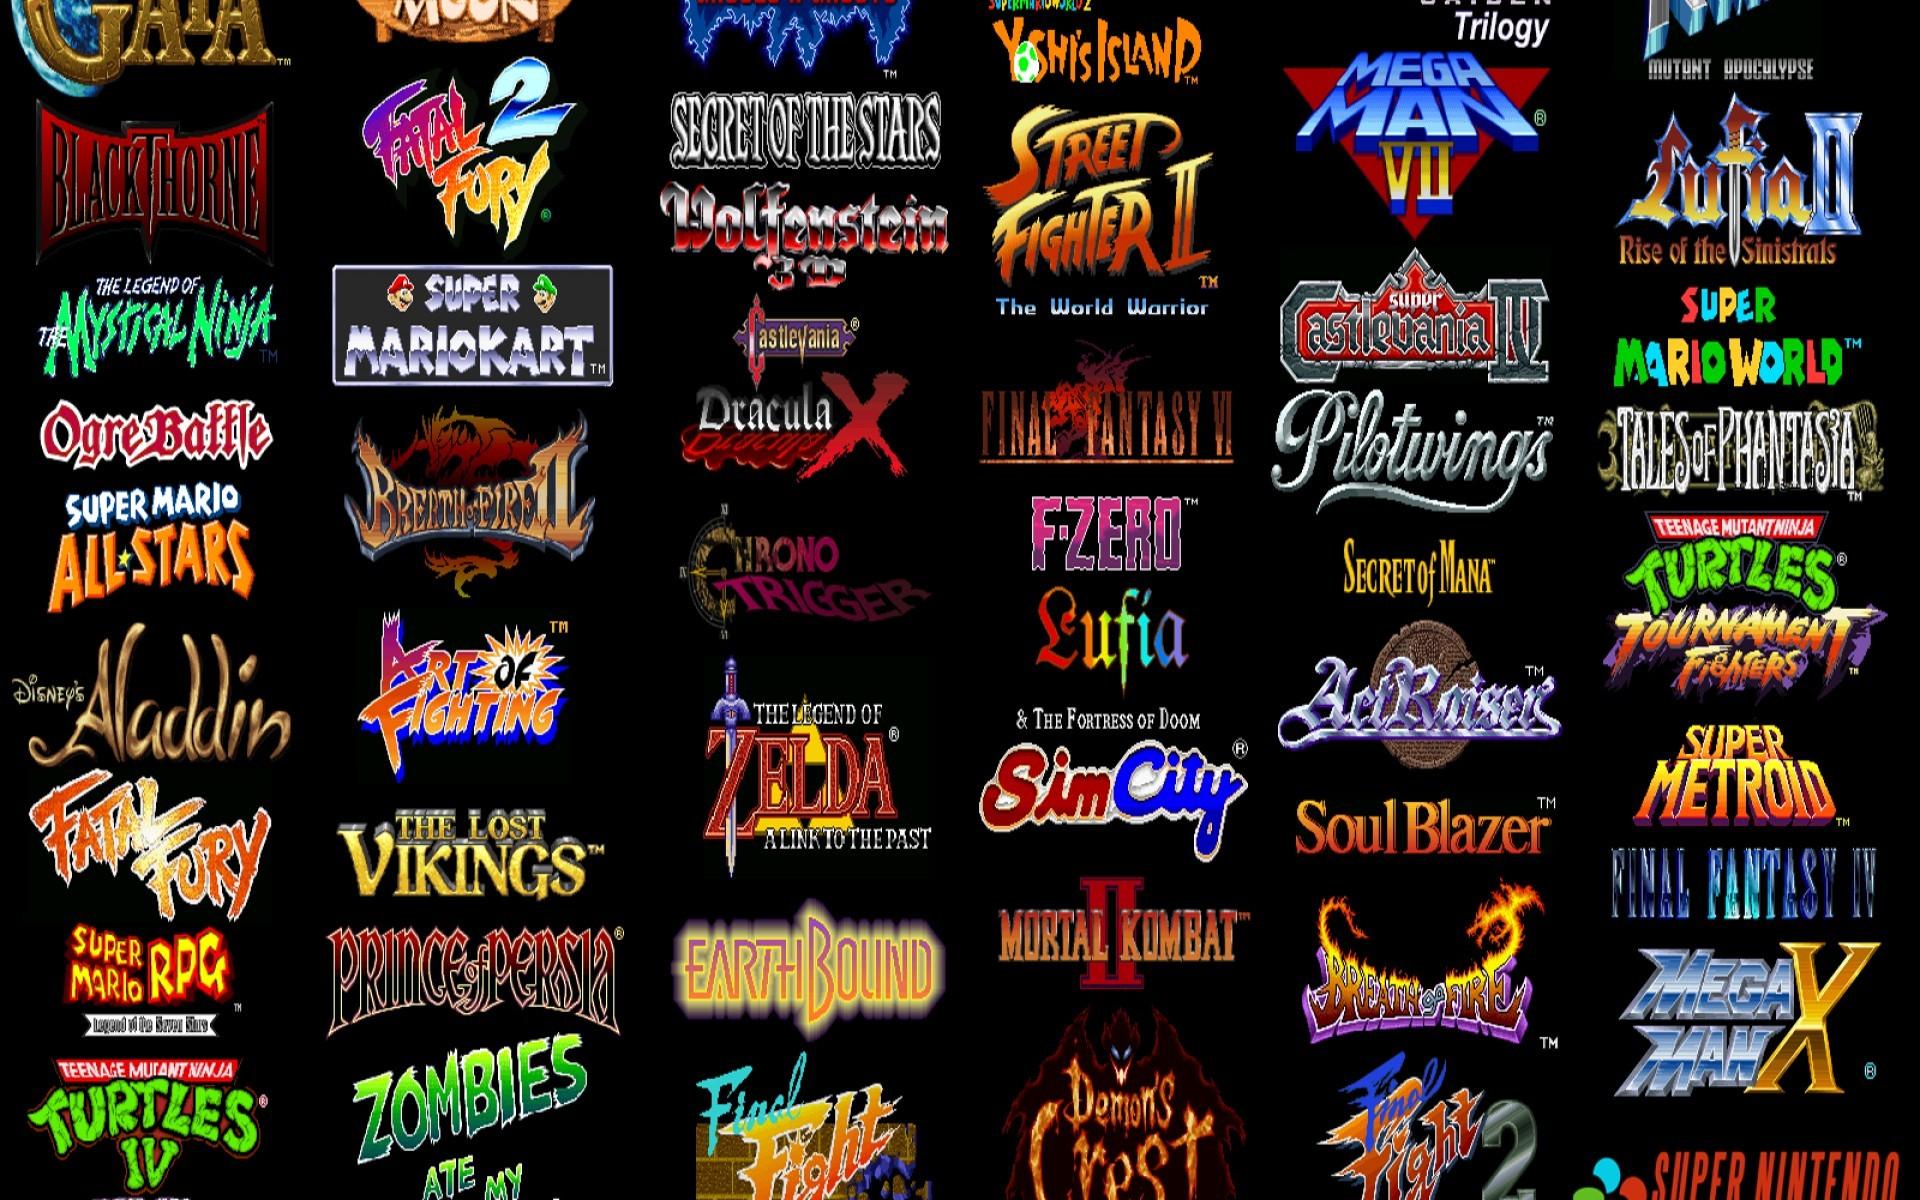 Video games super nintendo retro games wallpaper     20815 .